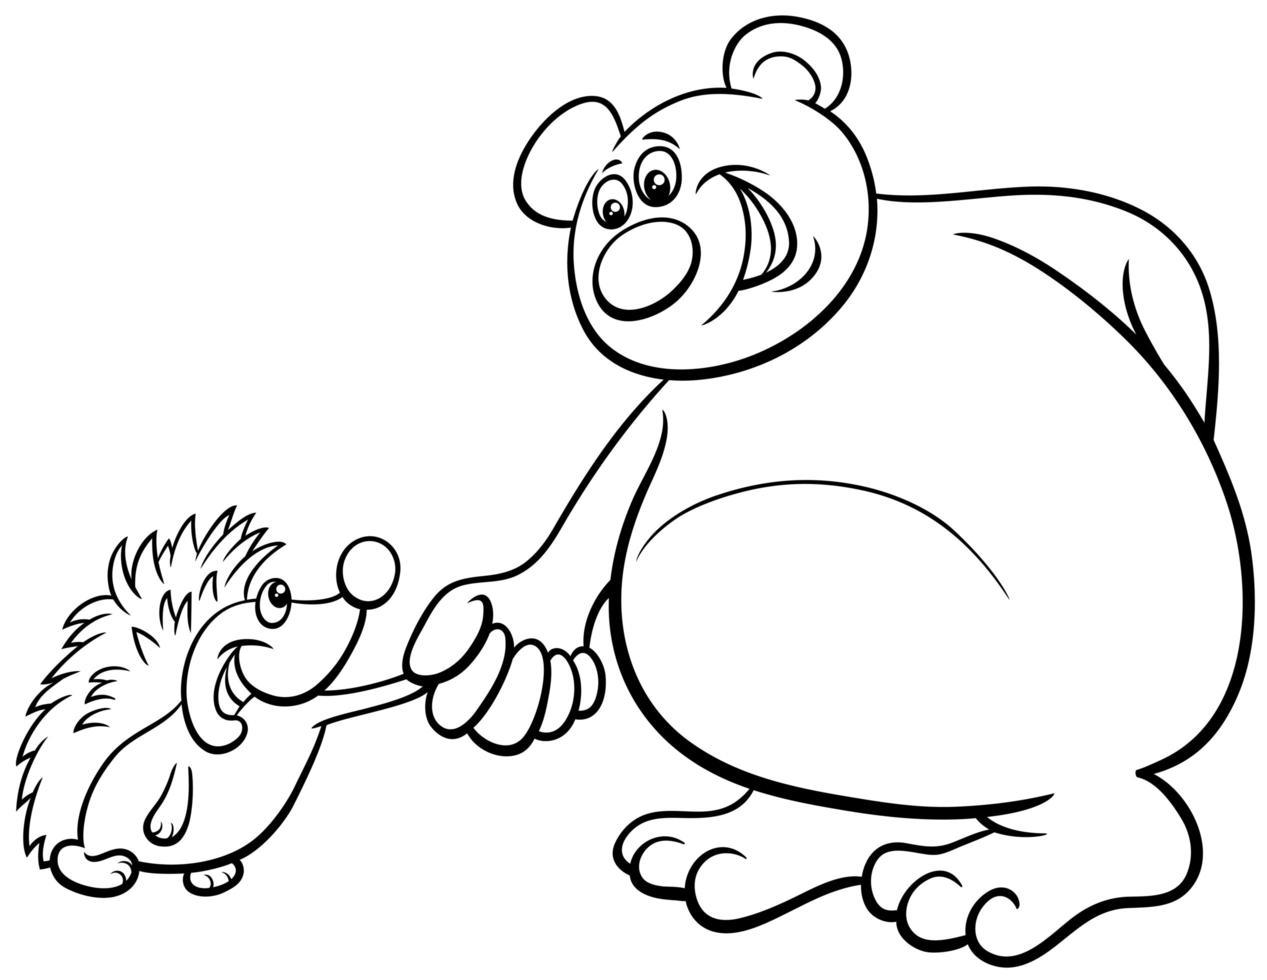 Björn och igelkott tecknad djur målarbok sida vektor